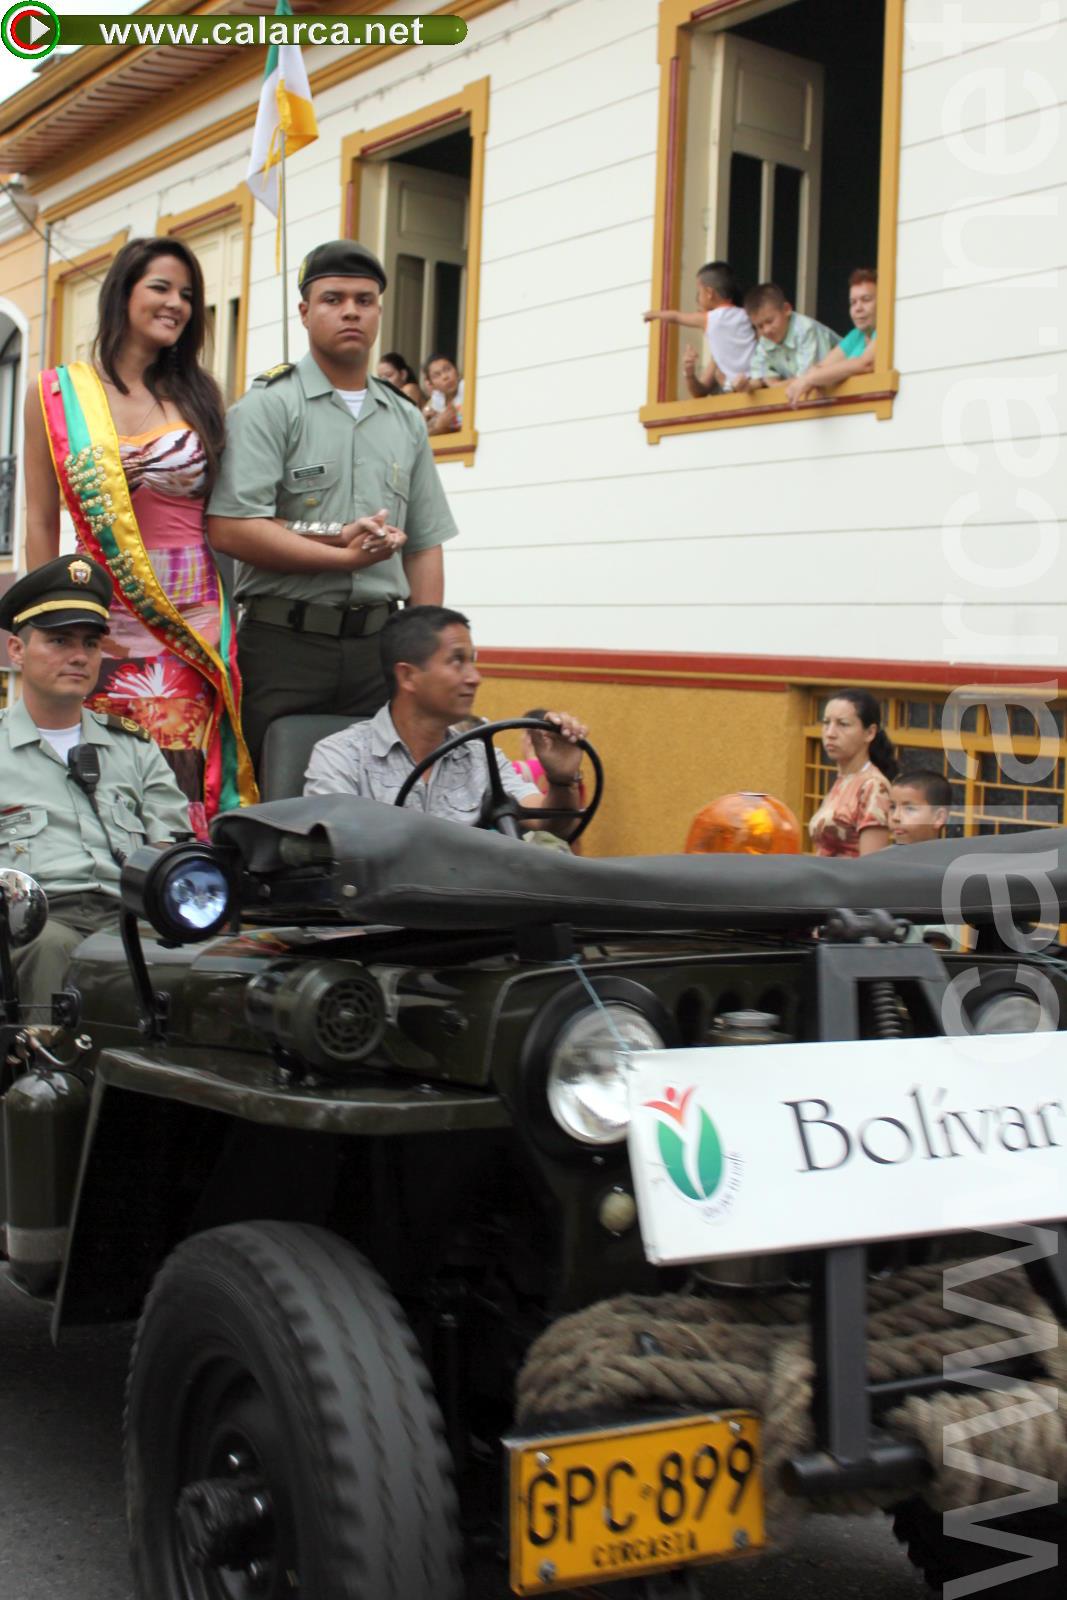 Bolívar - Nadia Milena Hoyos Cortina